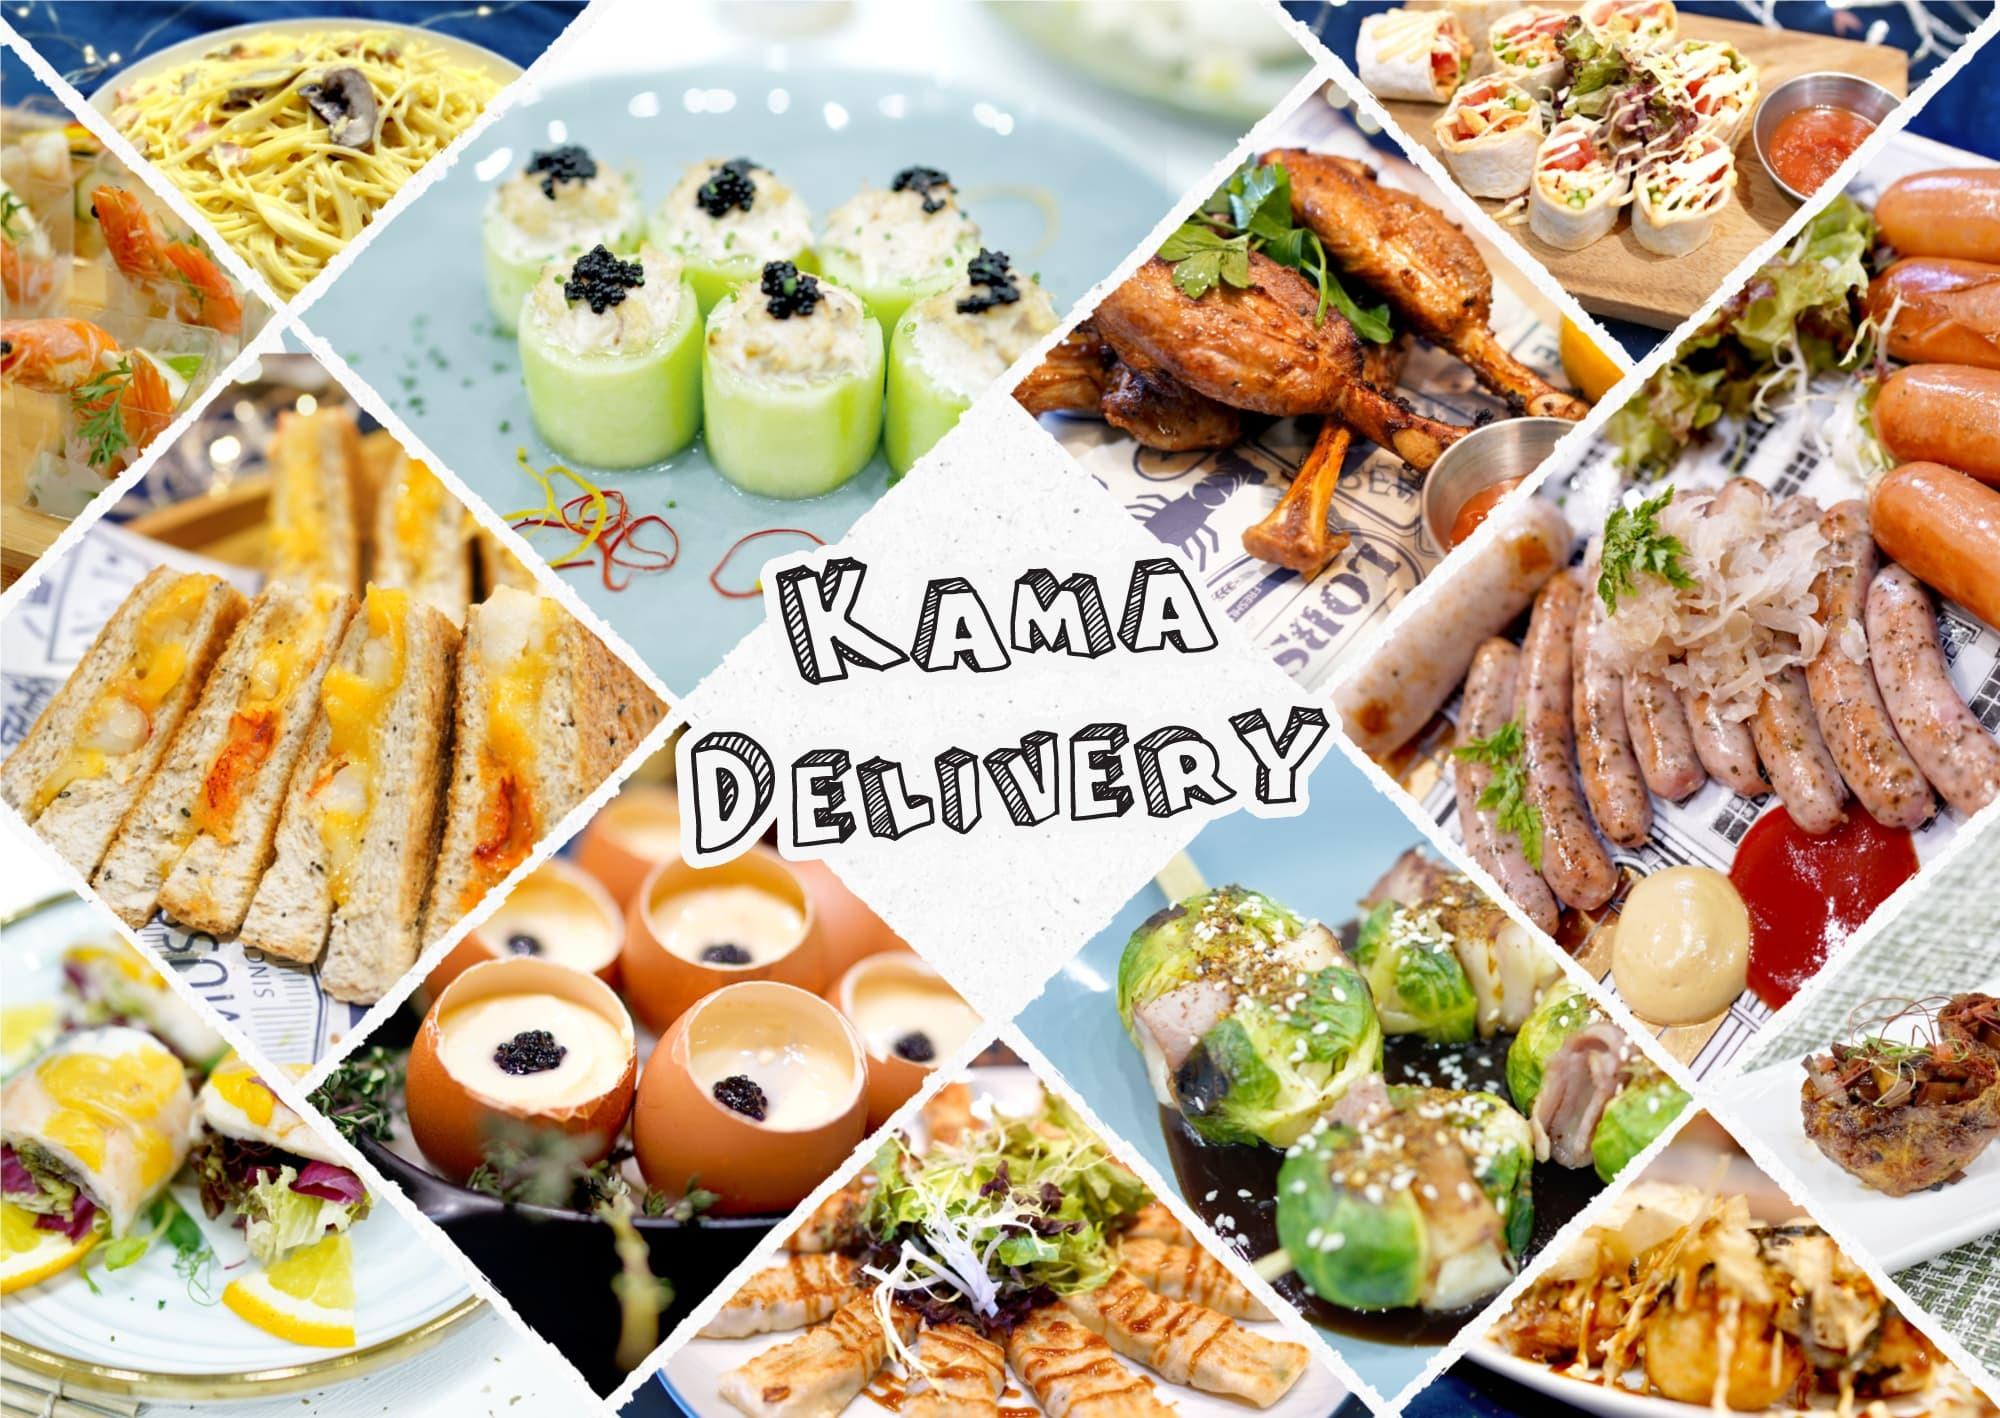 Kama Delivery誠意為你服務,專門提供多款平價抵食外賣套餐,歡迎網上預訂。